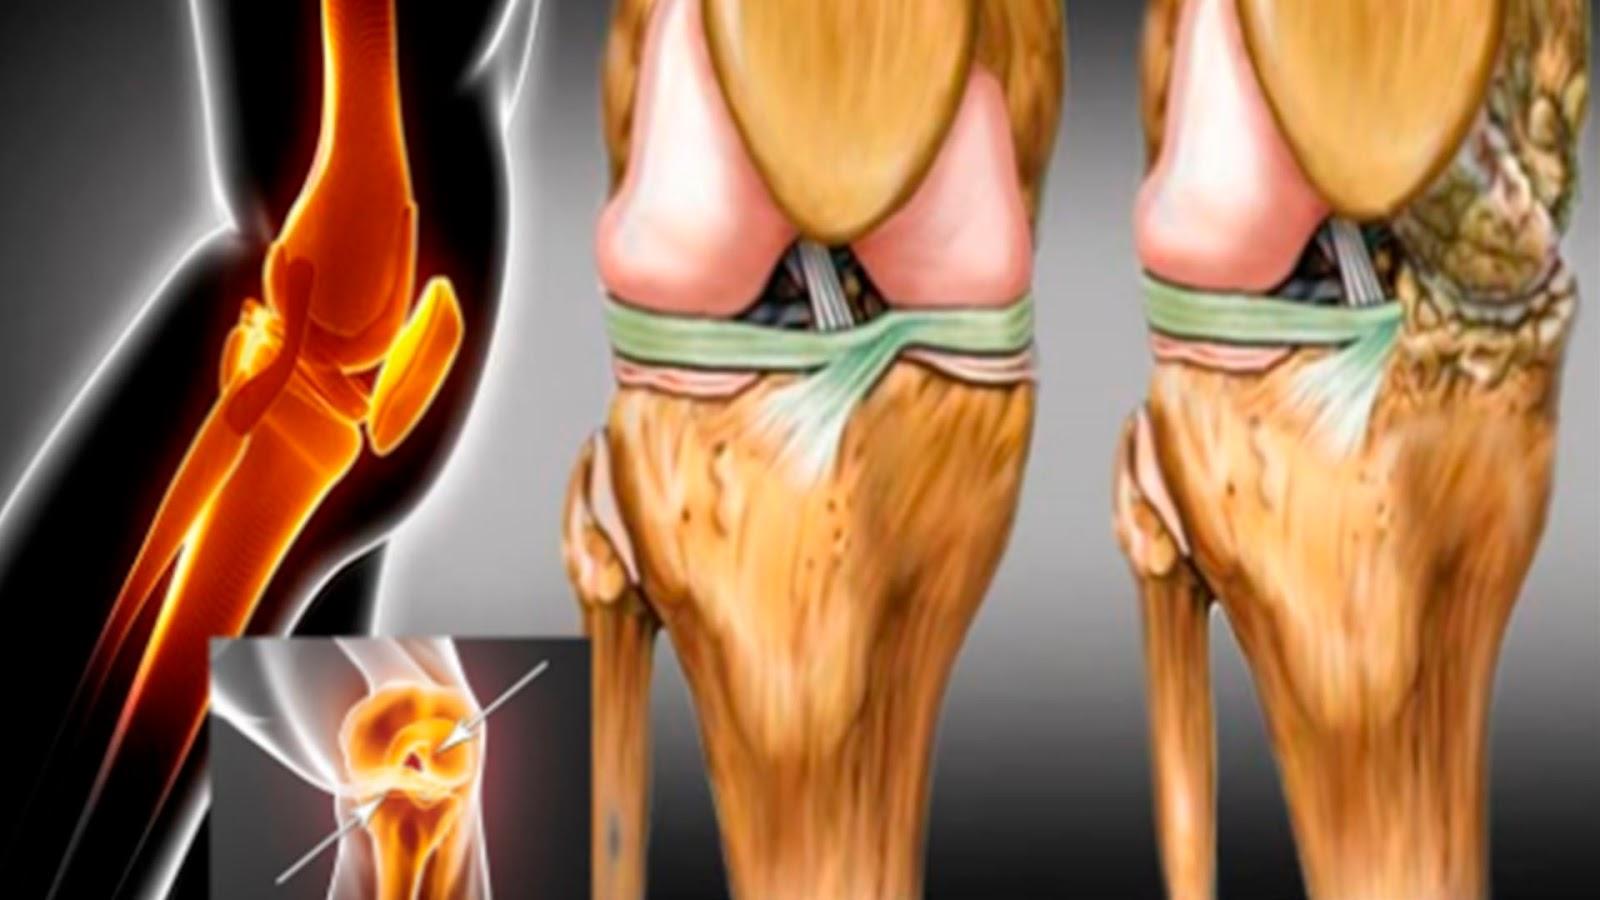 Confirman médicos que los cartílagos de la cadera y rodillas se regeneran en una semana usando estas hierbas